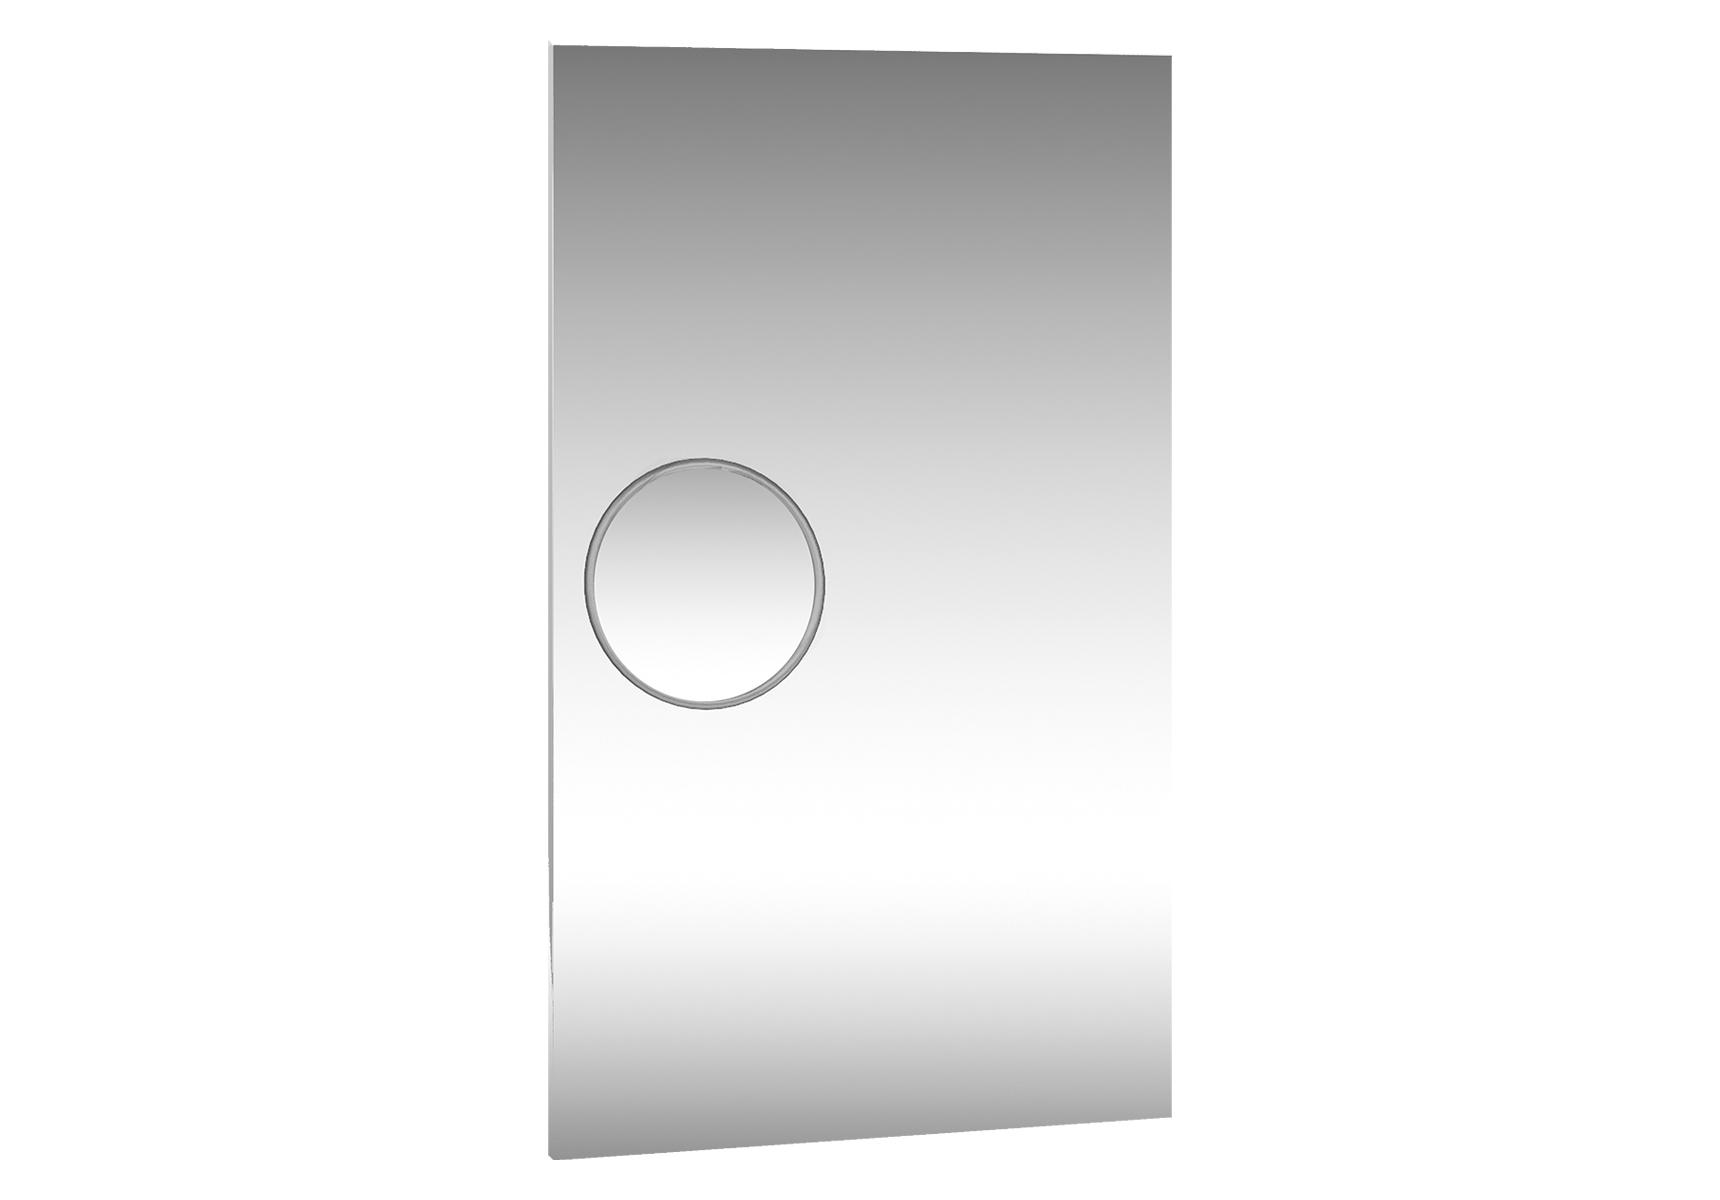 Memoria Elements miroir, avec miroir grossissant (magnétique), 40 cm, chromé, éclairage LED en haut et en bas, anti-buée